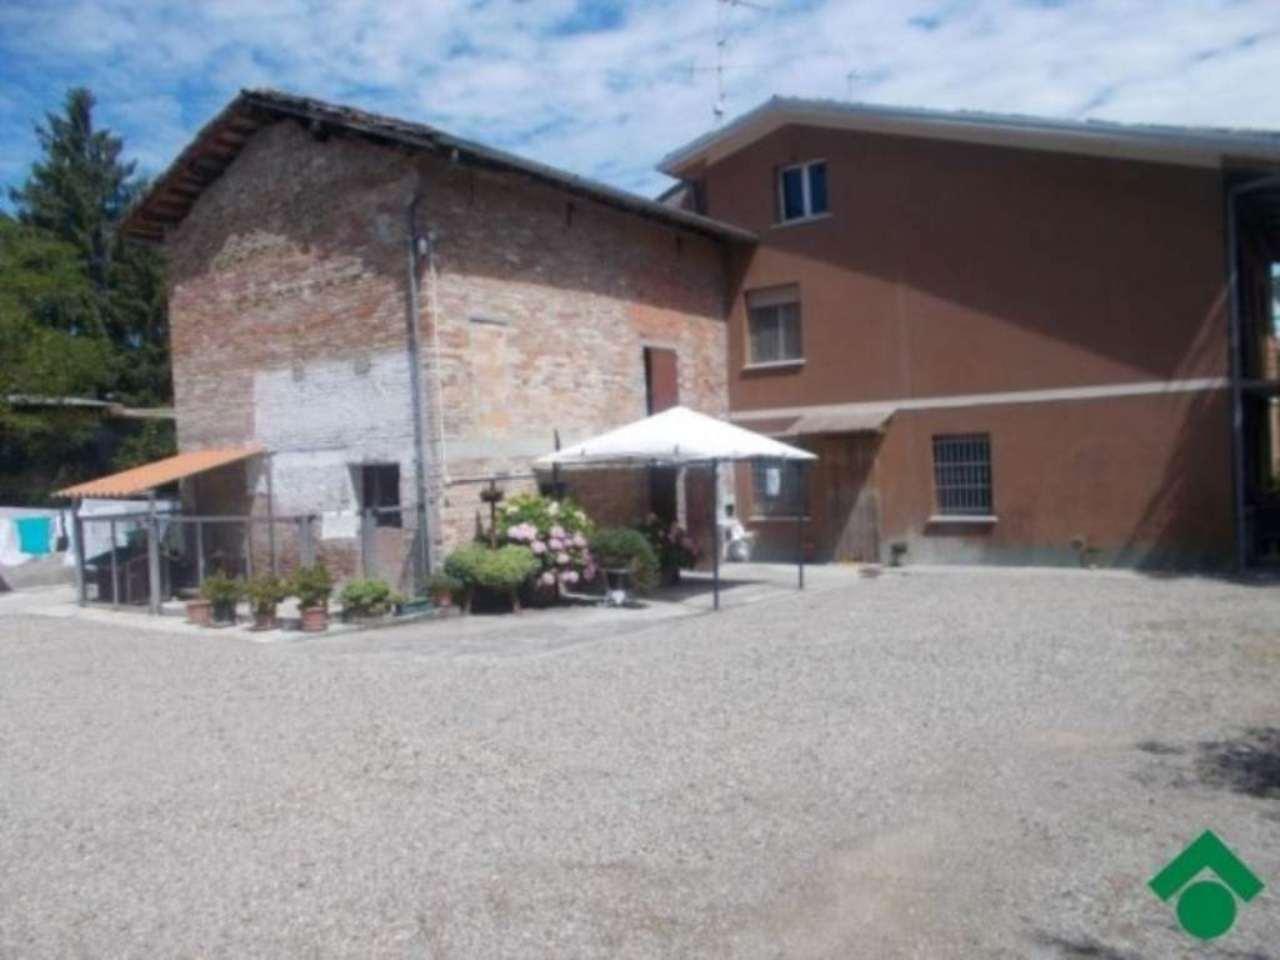 Rustico / Casale in vendita a Quattro Castella, 4 locali, prezzo € 200.000 | Cambio Casa.it